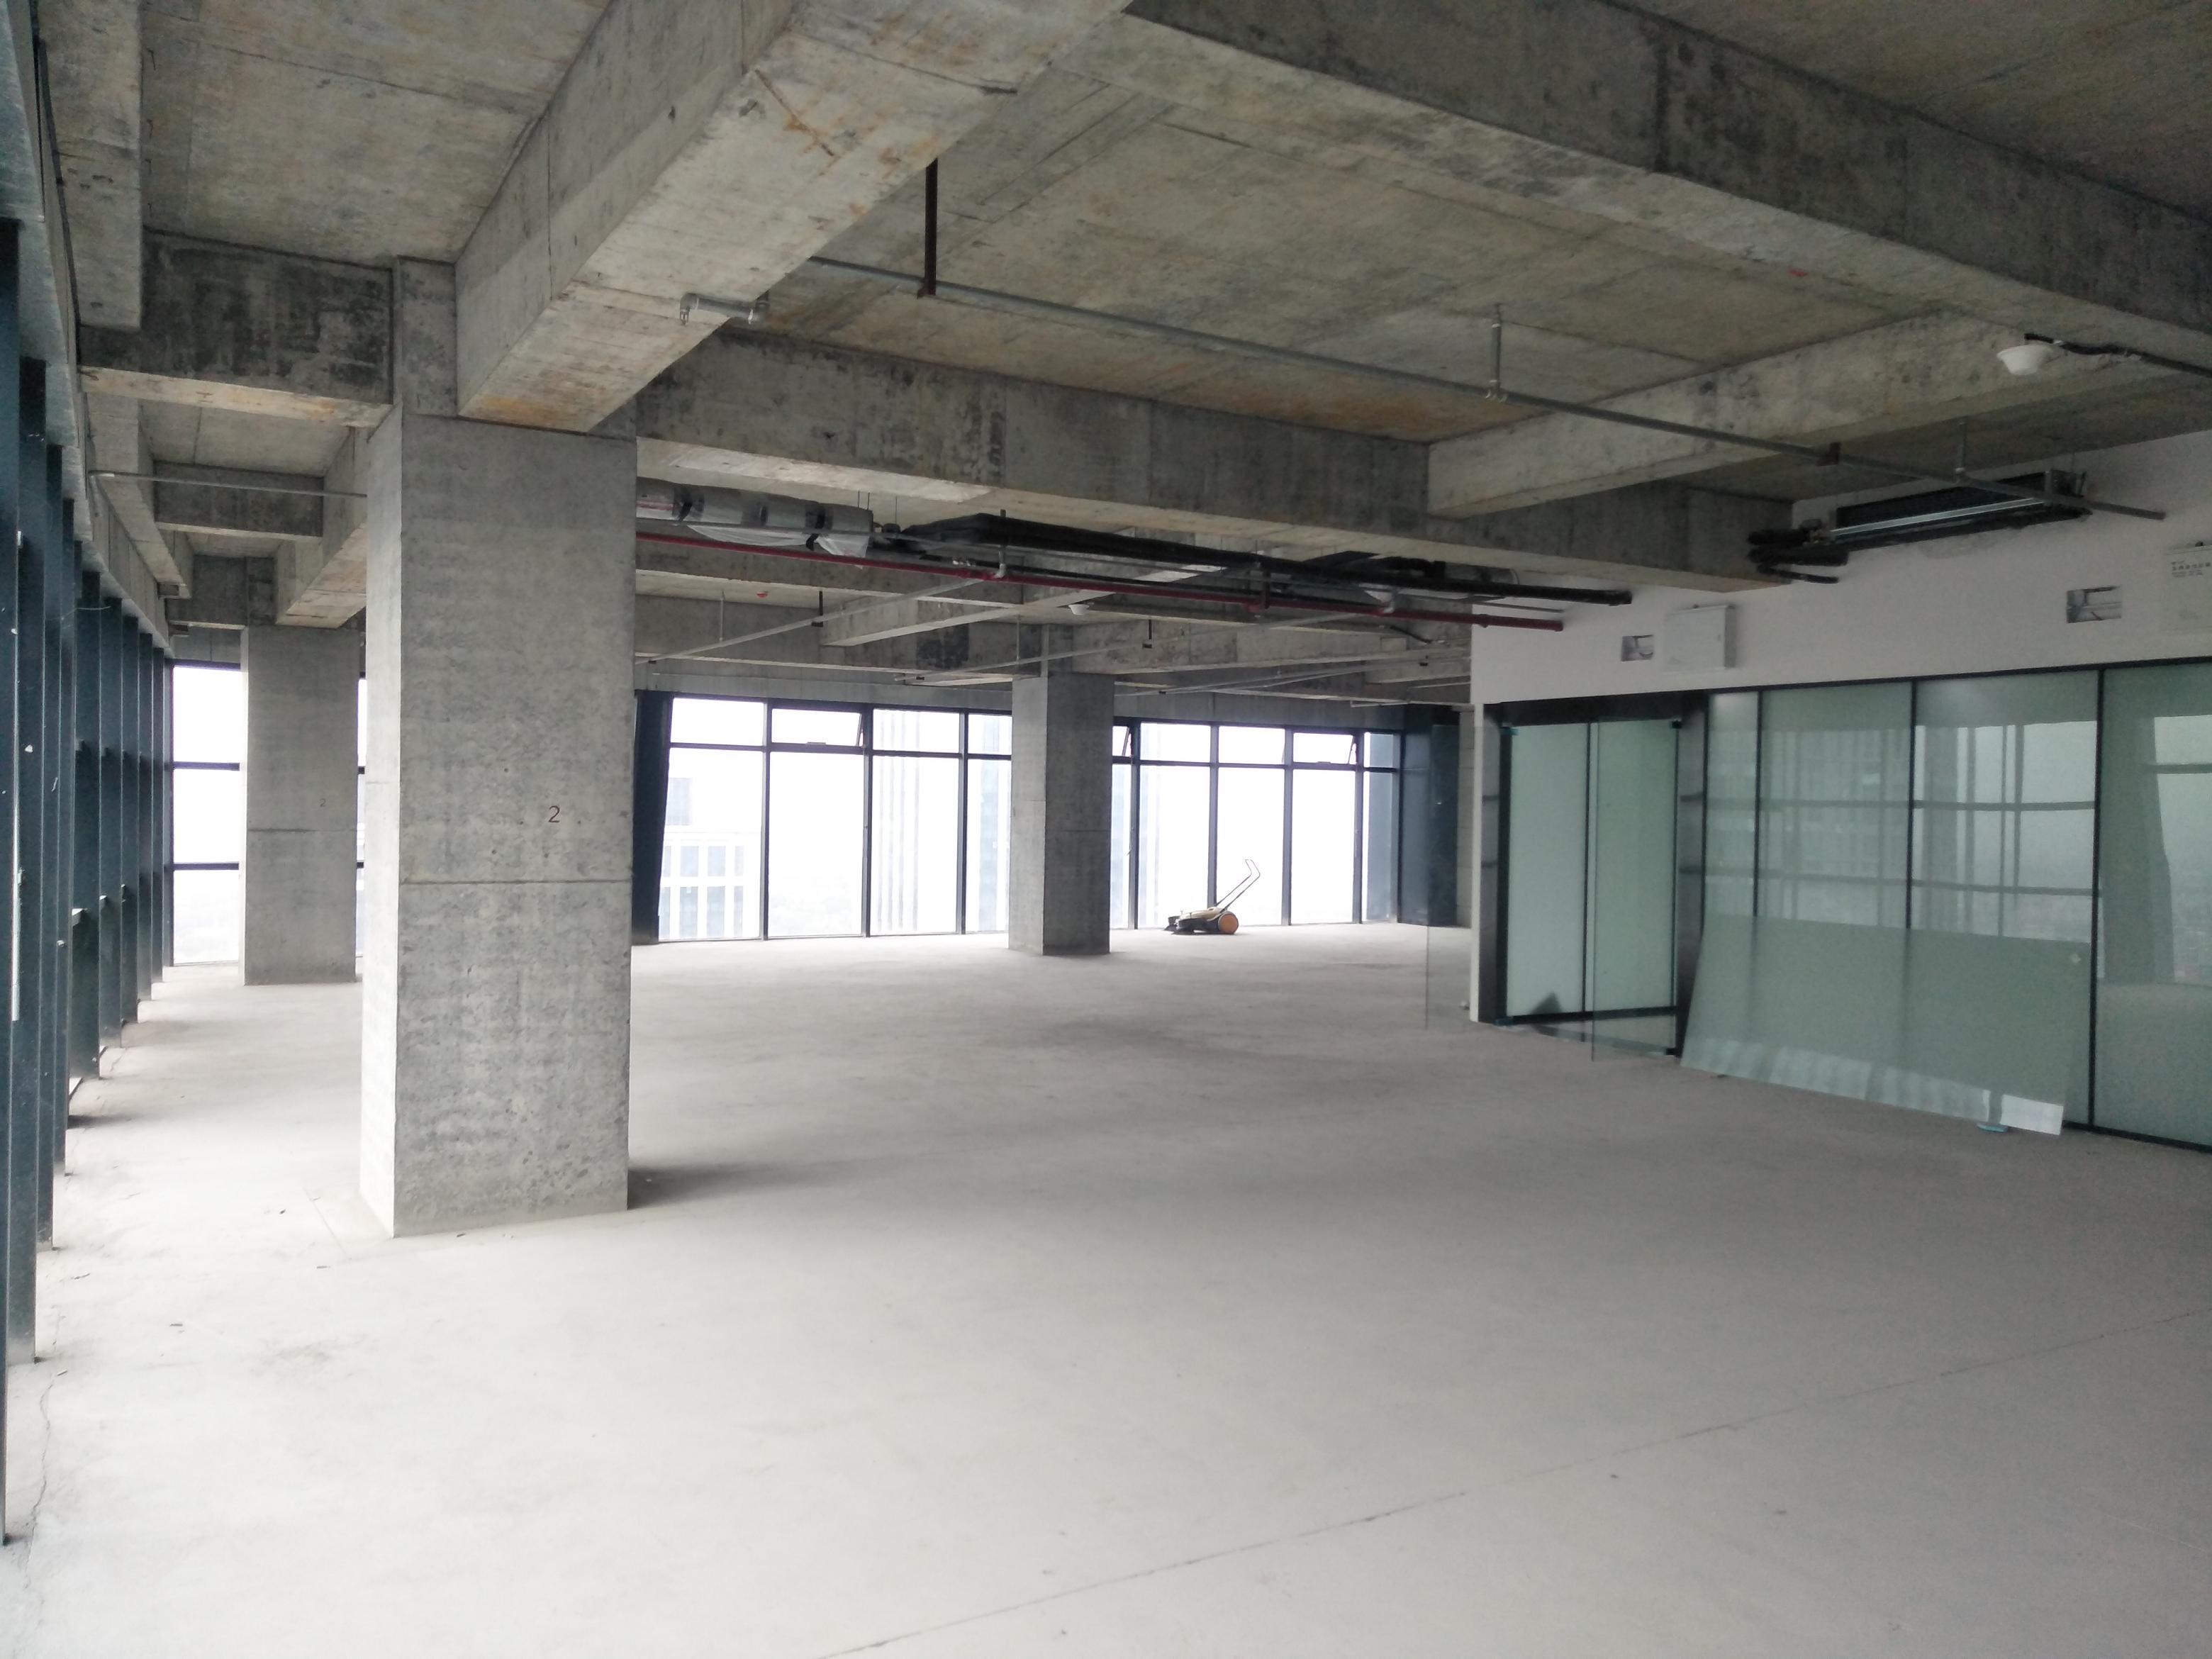 写字楼出租出售 朝北朝南都有 面积250平 高层办公室